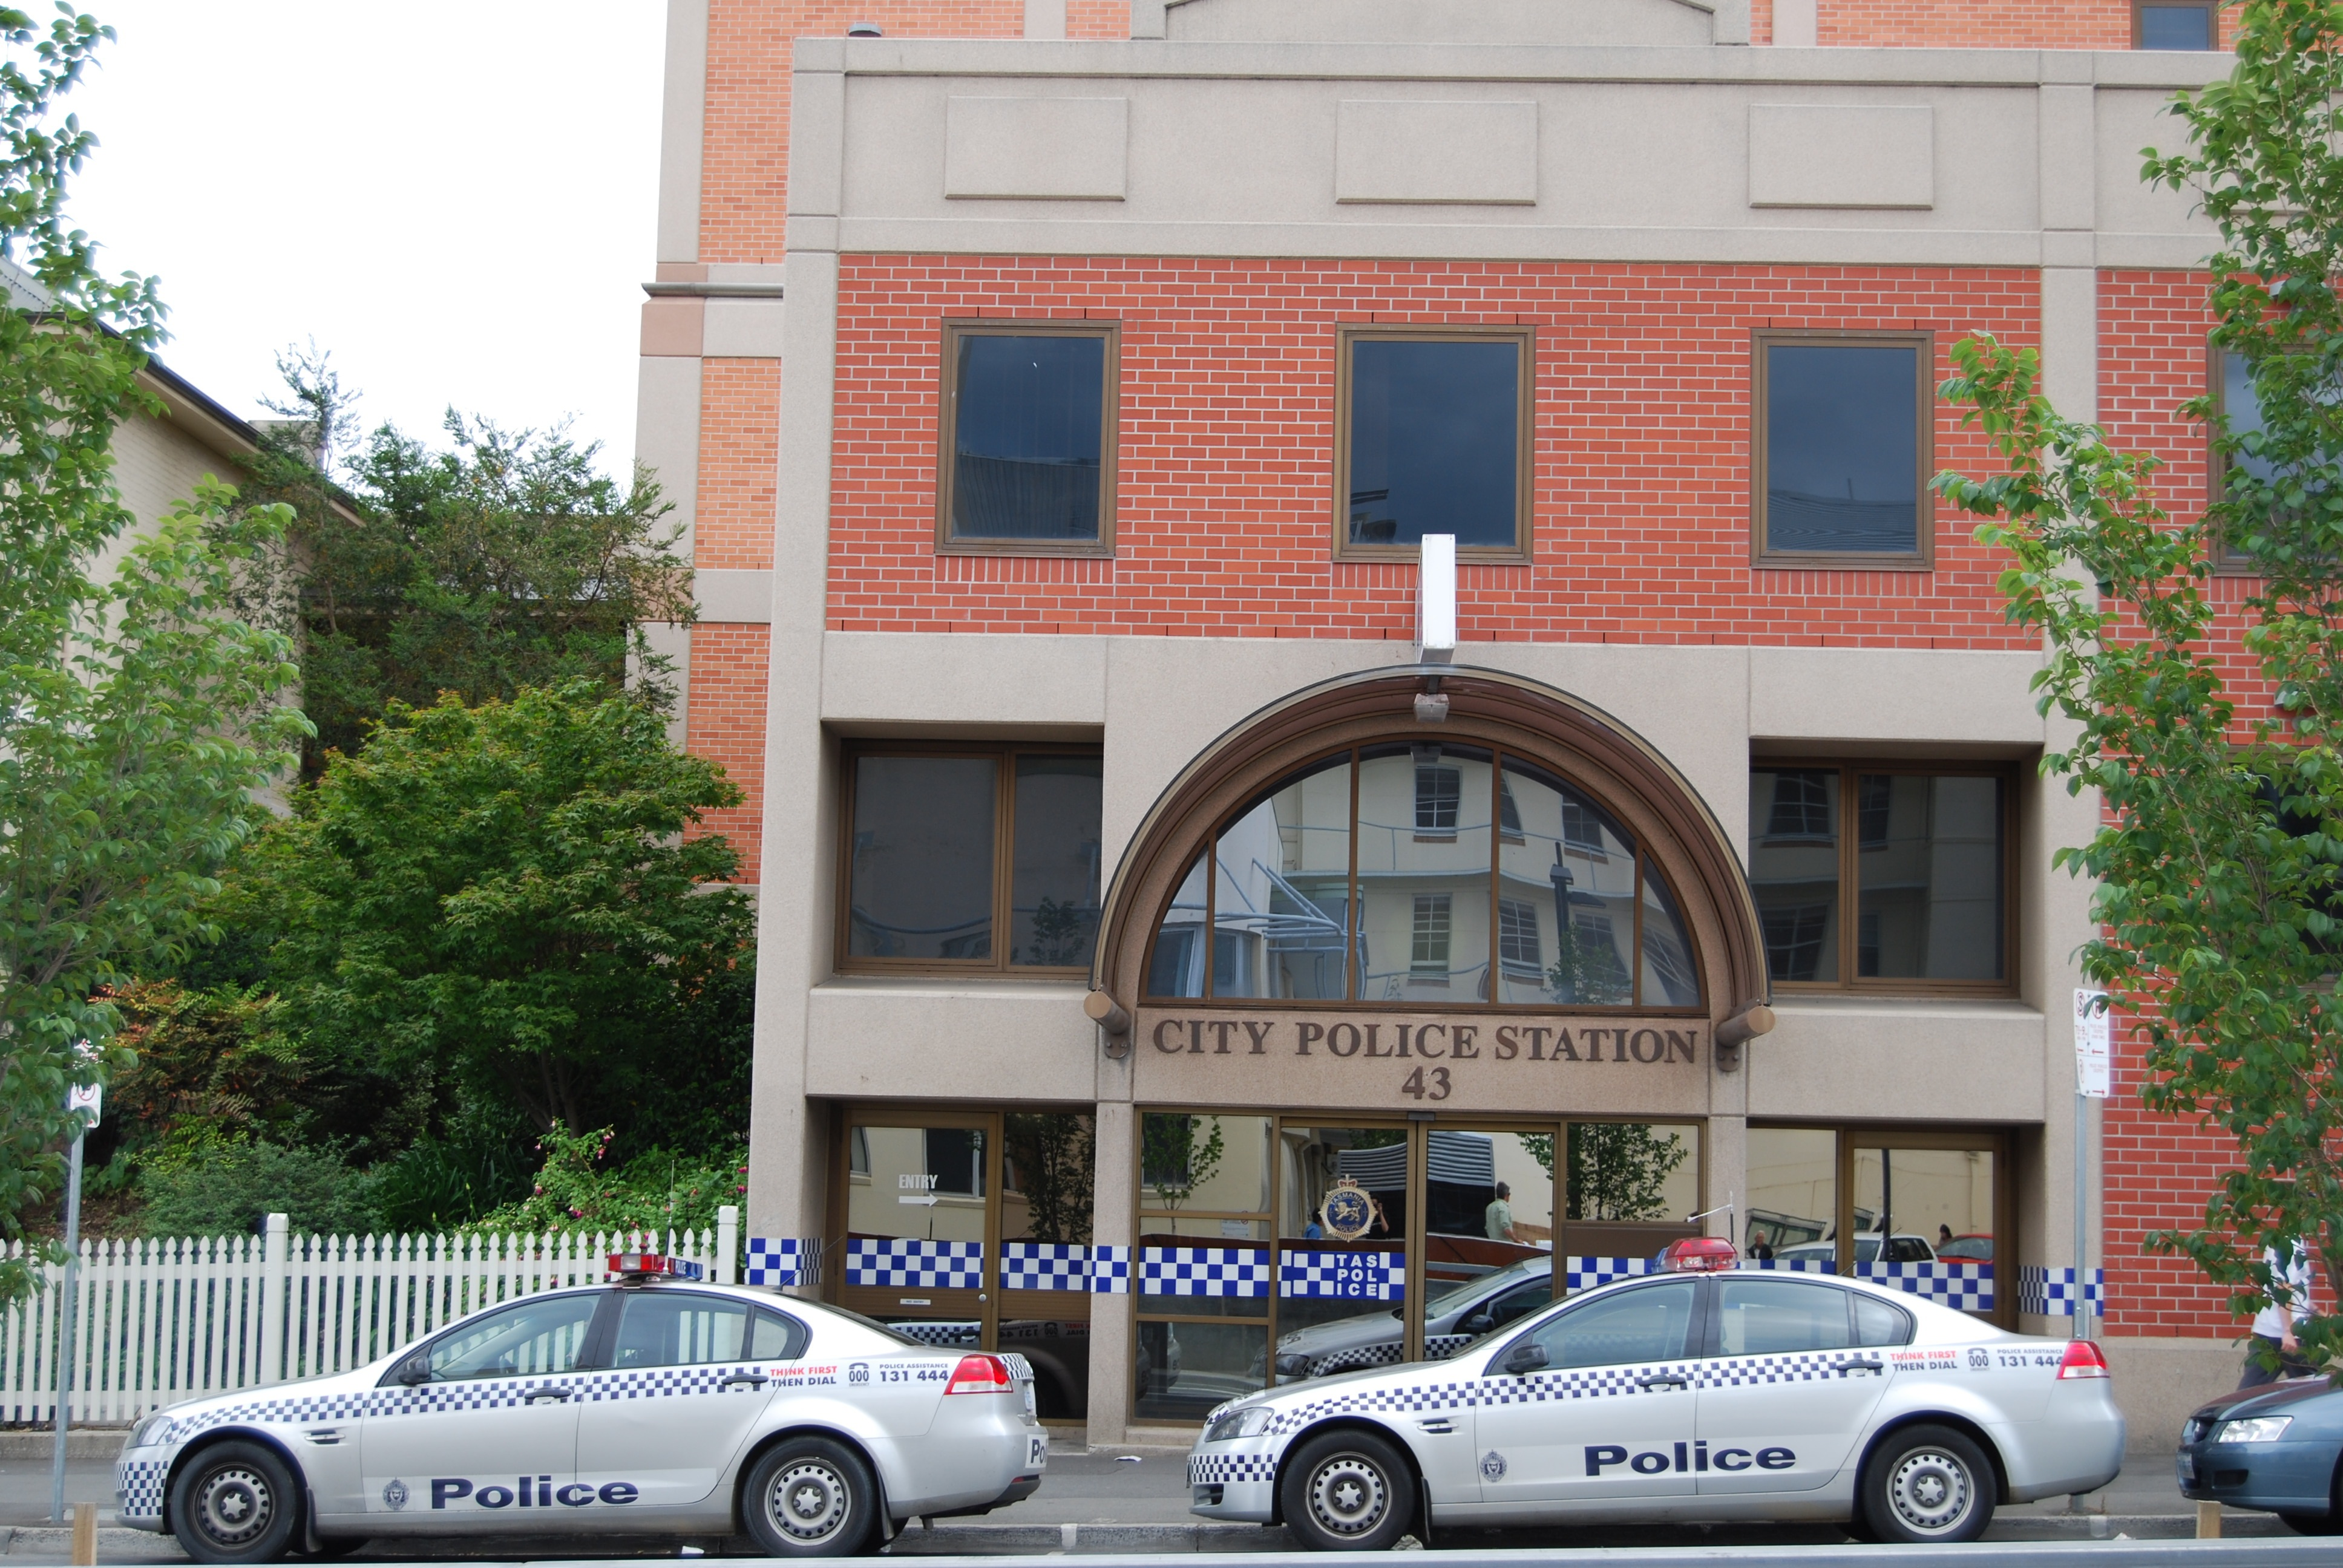 В одесском парке установили первую полицейскую станцию - Цензор.НЕТ 189